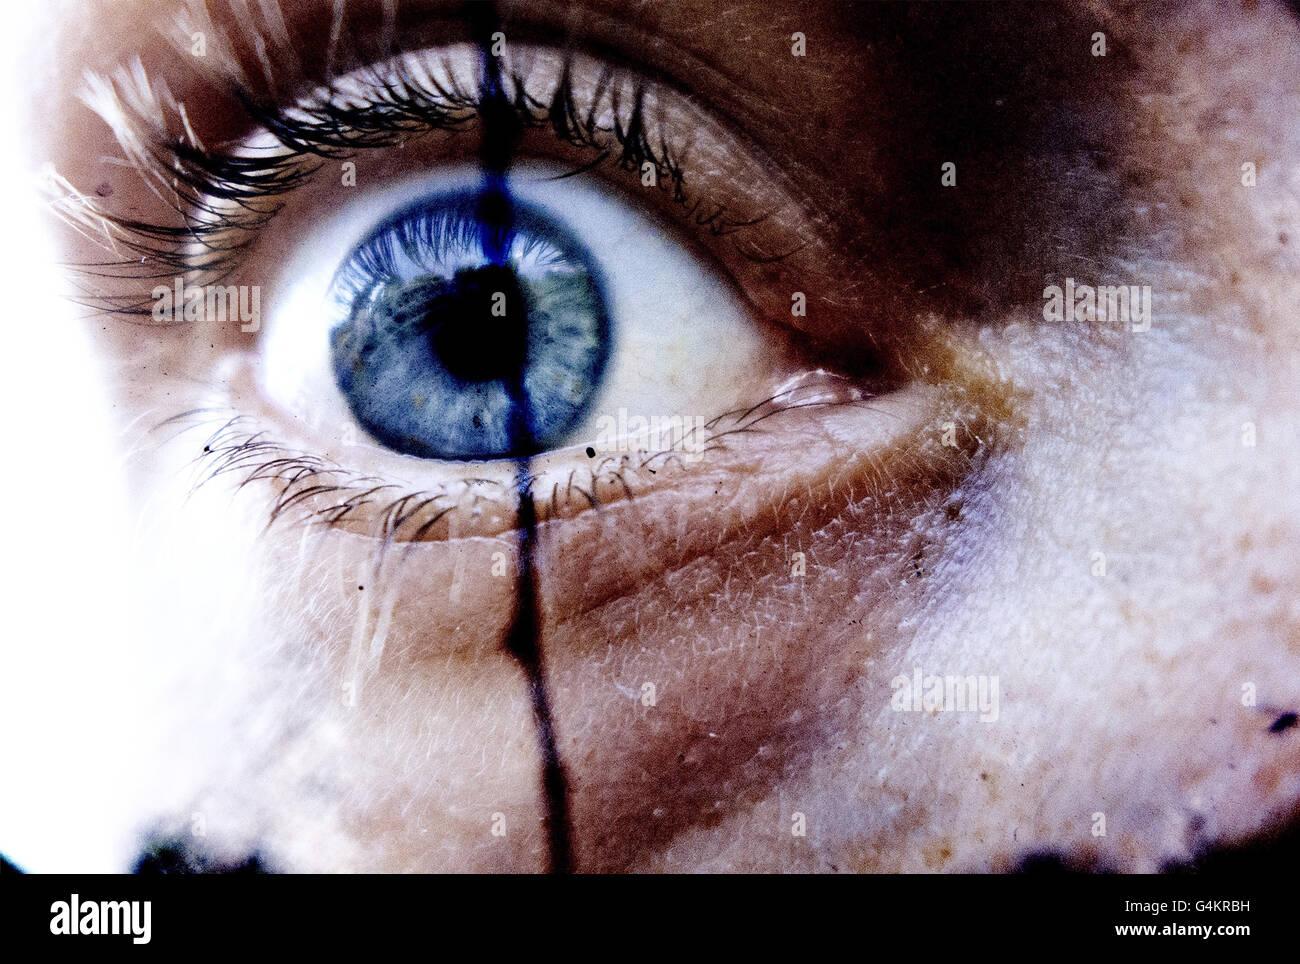 Intenso di close-up di un bulbo oculare. Reminiscenza di un film horror... Foto Stock